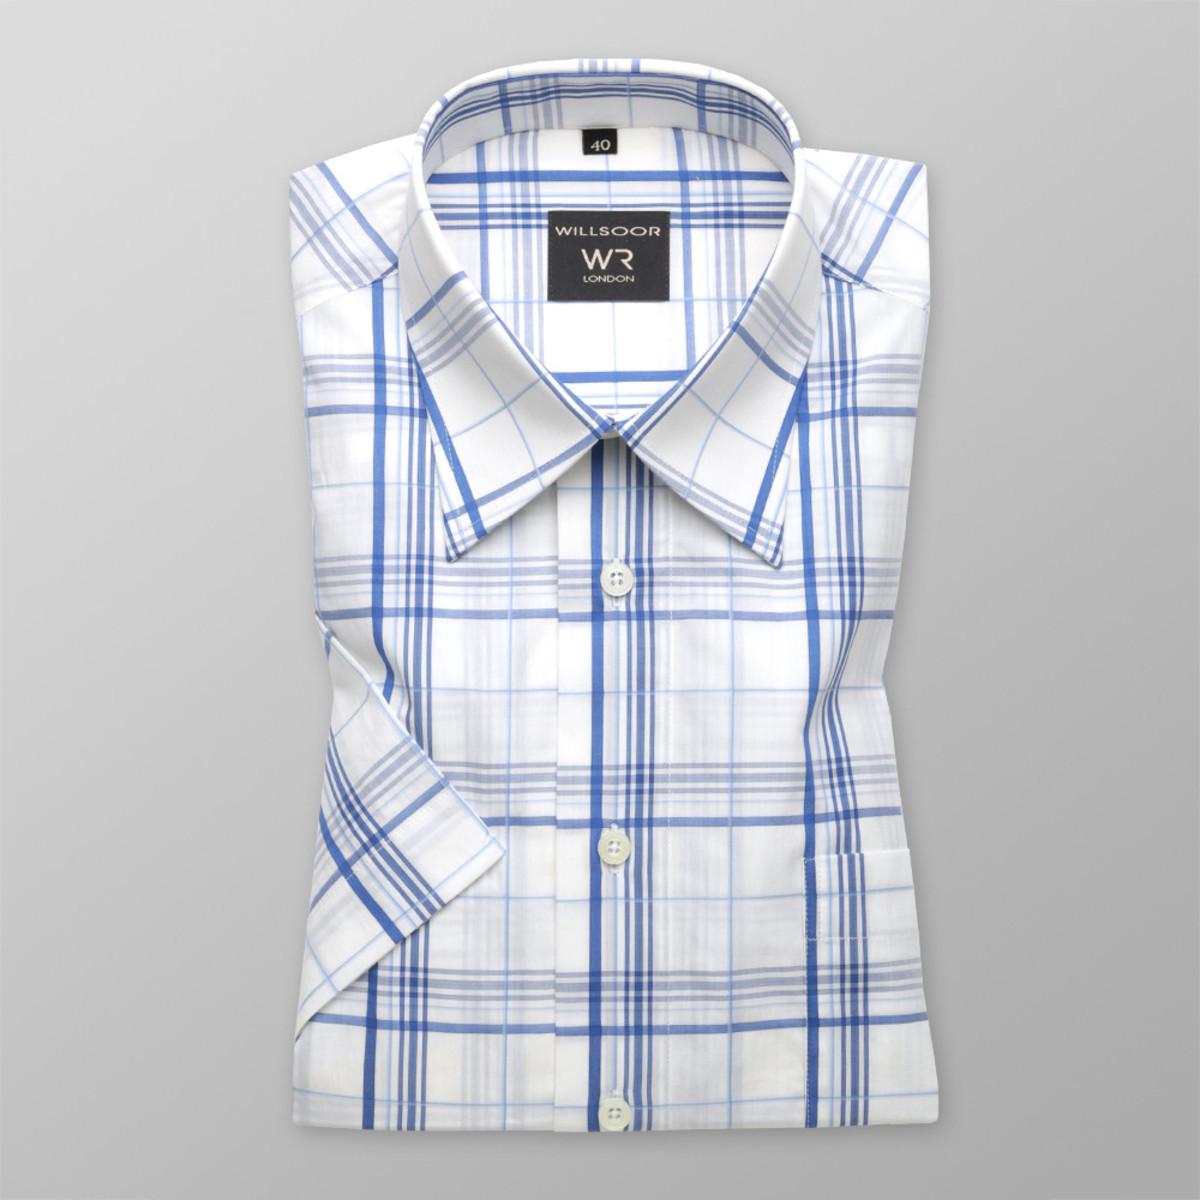 Košile London (výška 176-182) 9539 176-182 / 39